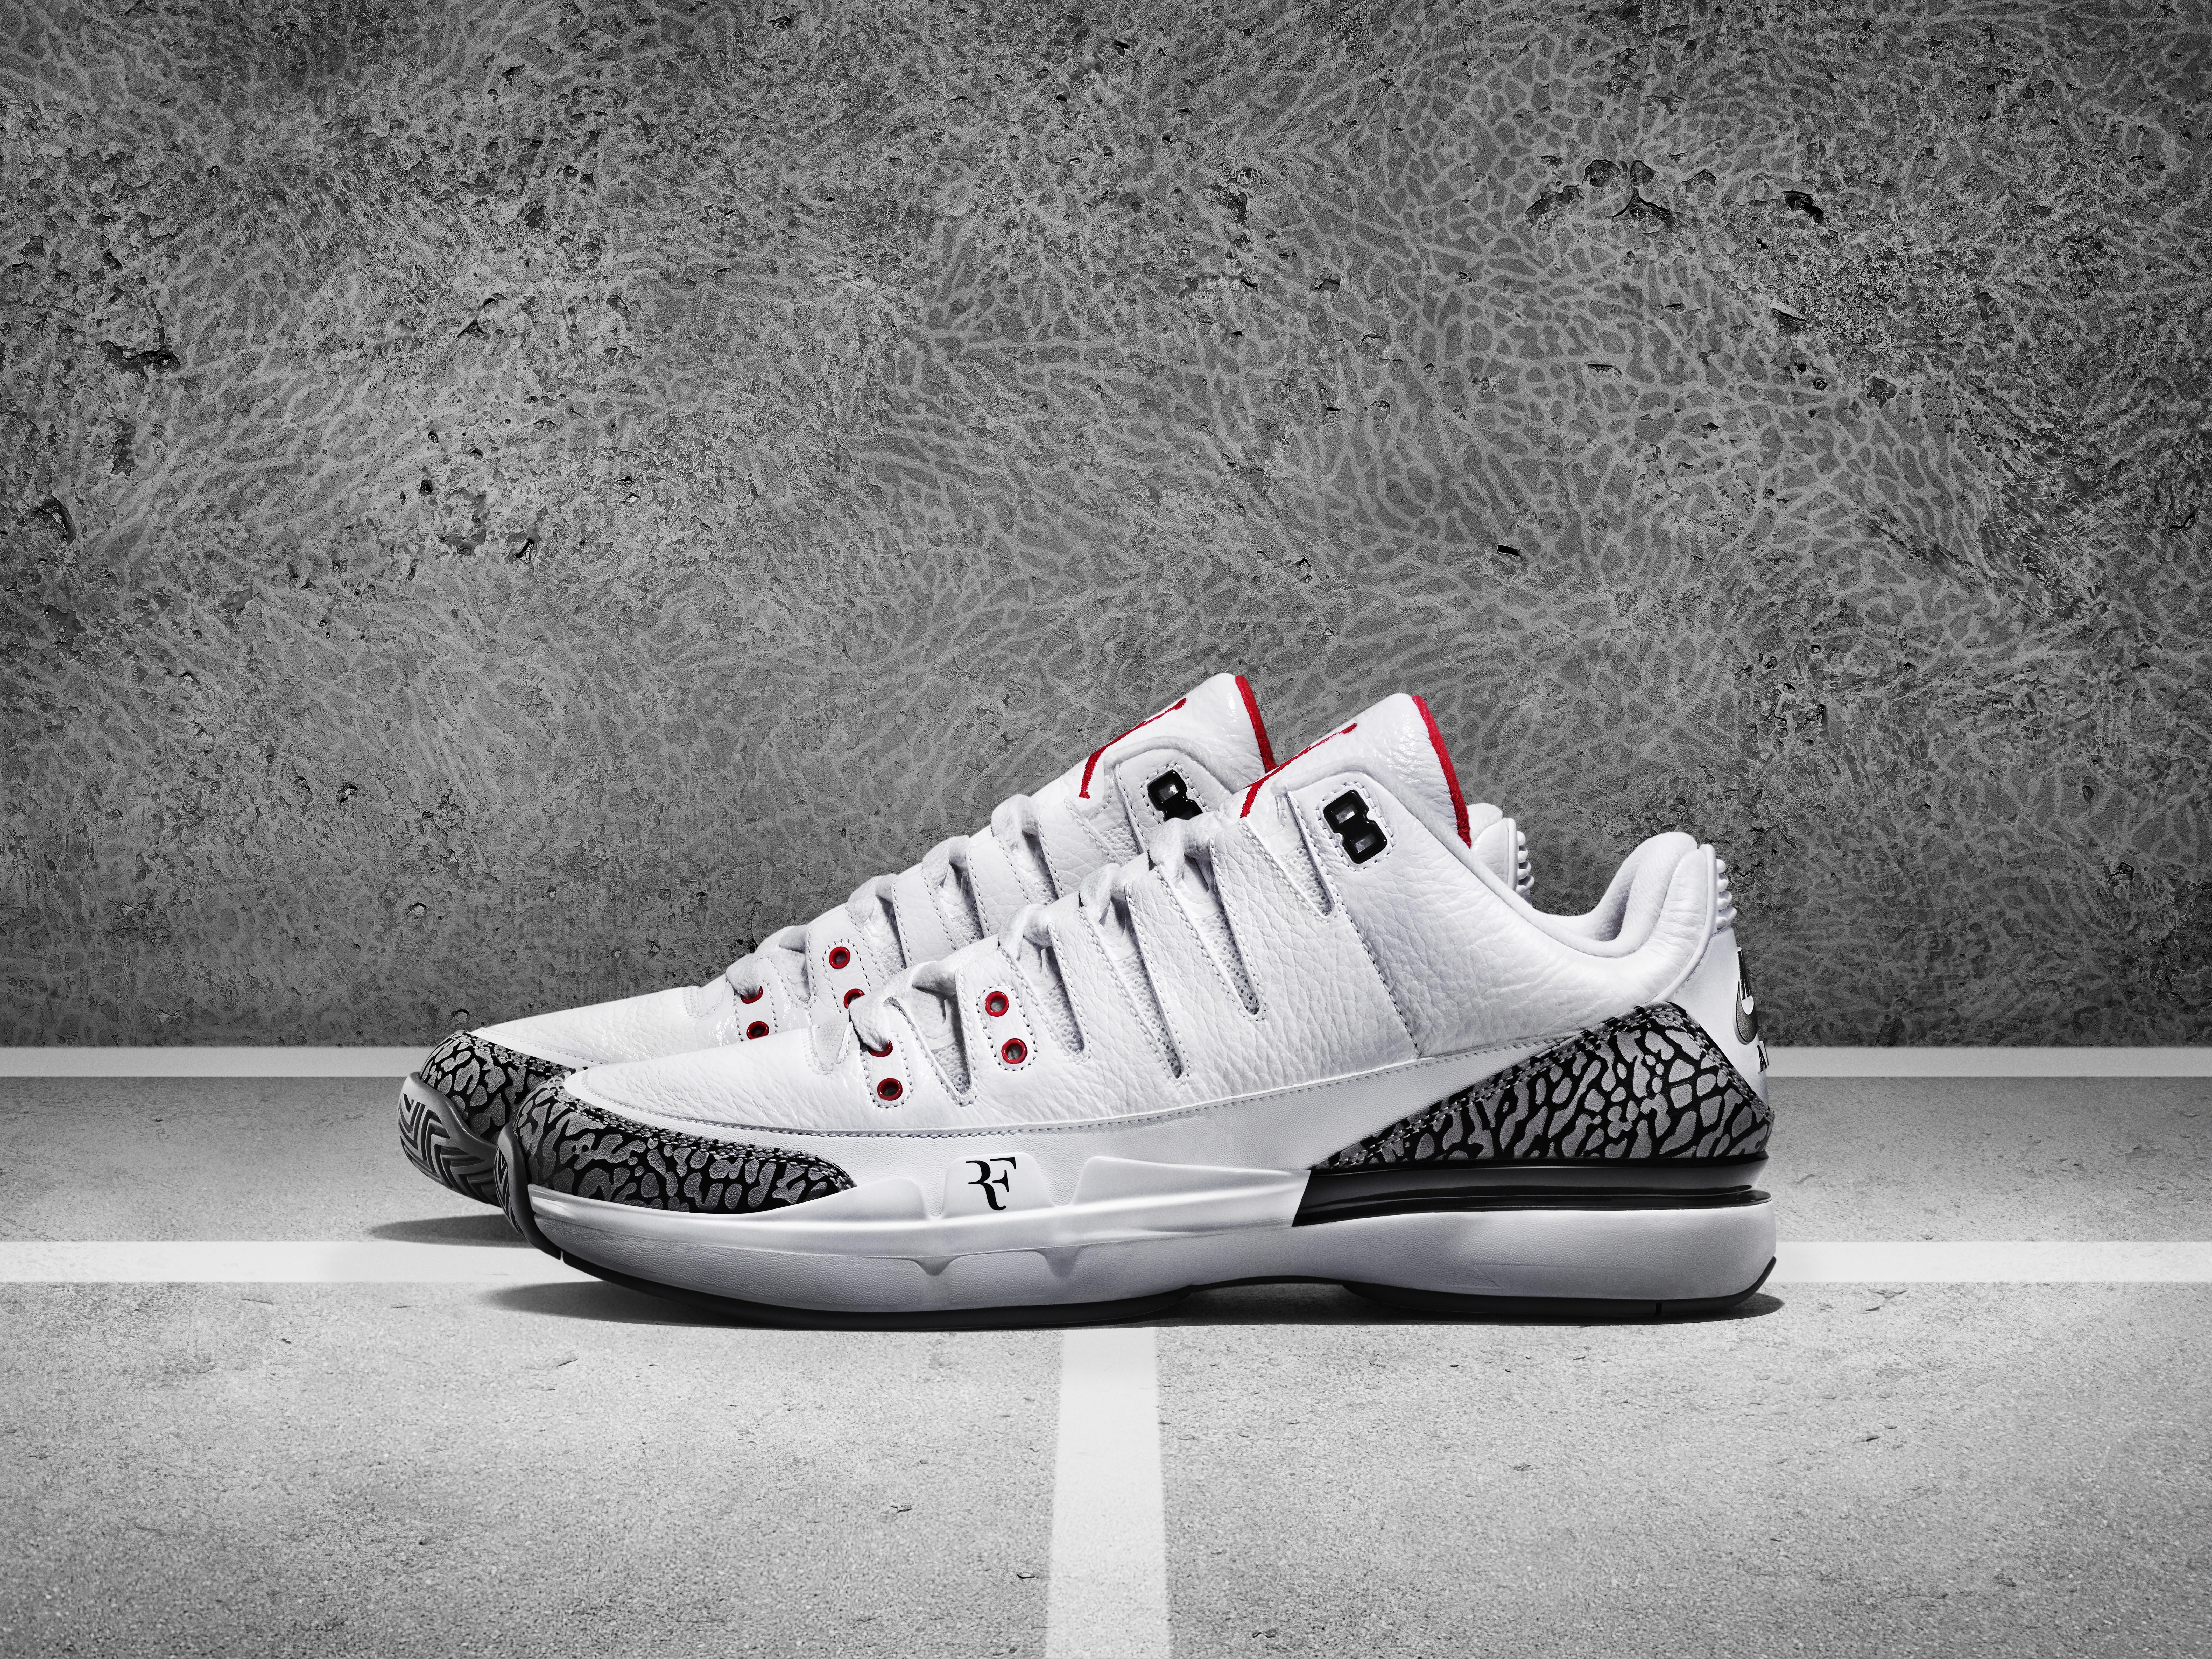 Roger Federer's newest Nike tennis shoe